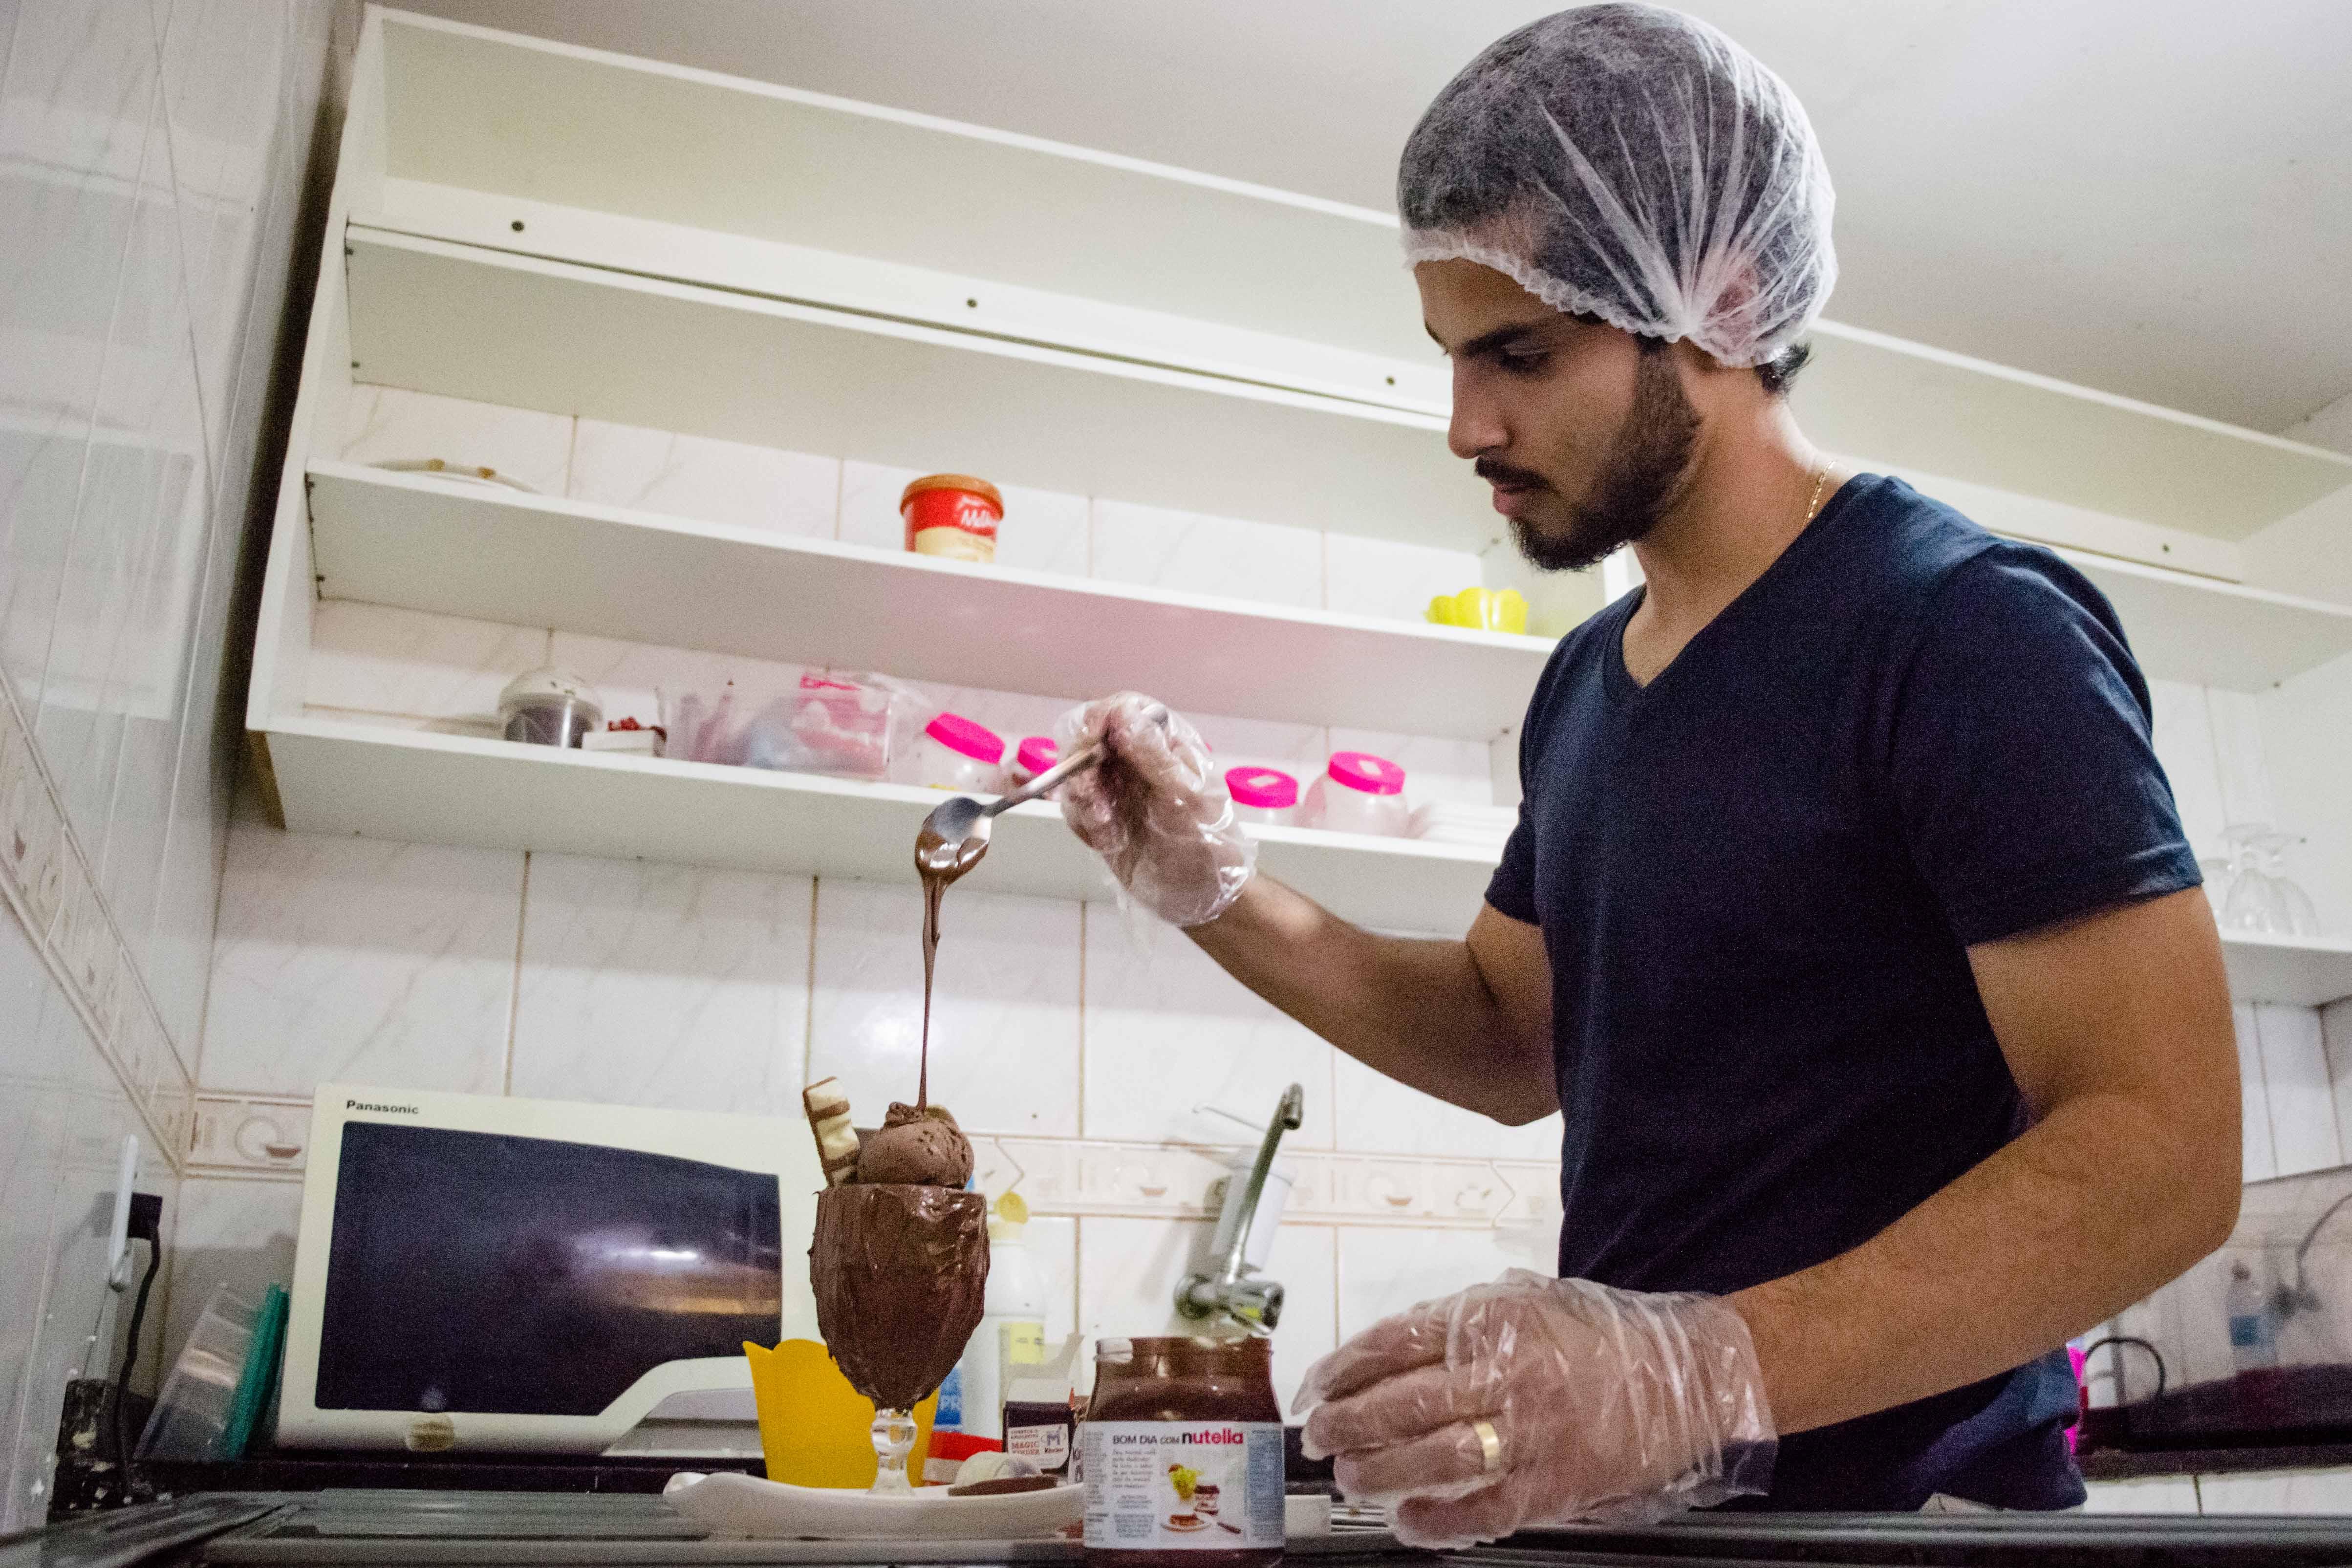 Formado em gastronomia, Marcos aplica suas habilidades no negócio - Foto: Renato Moura/Voz Das Comunidades